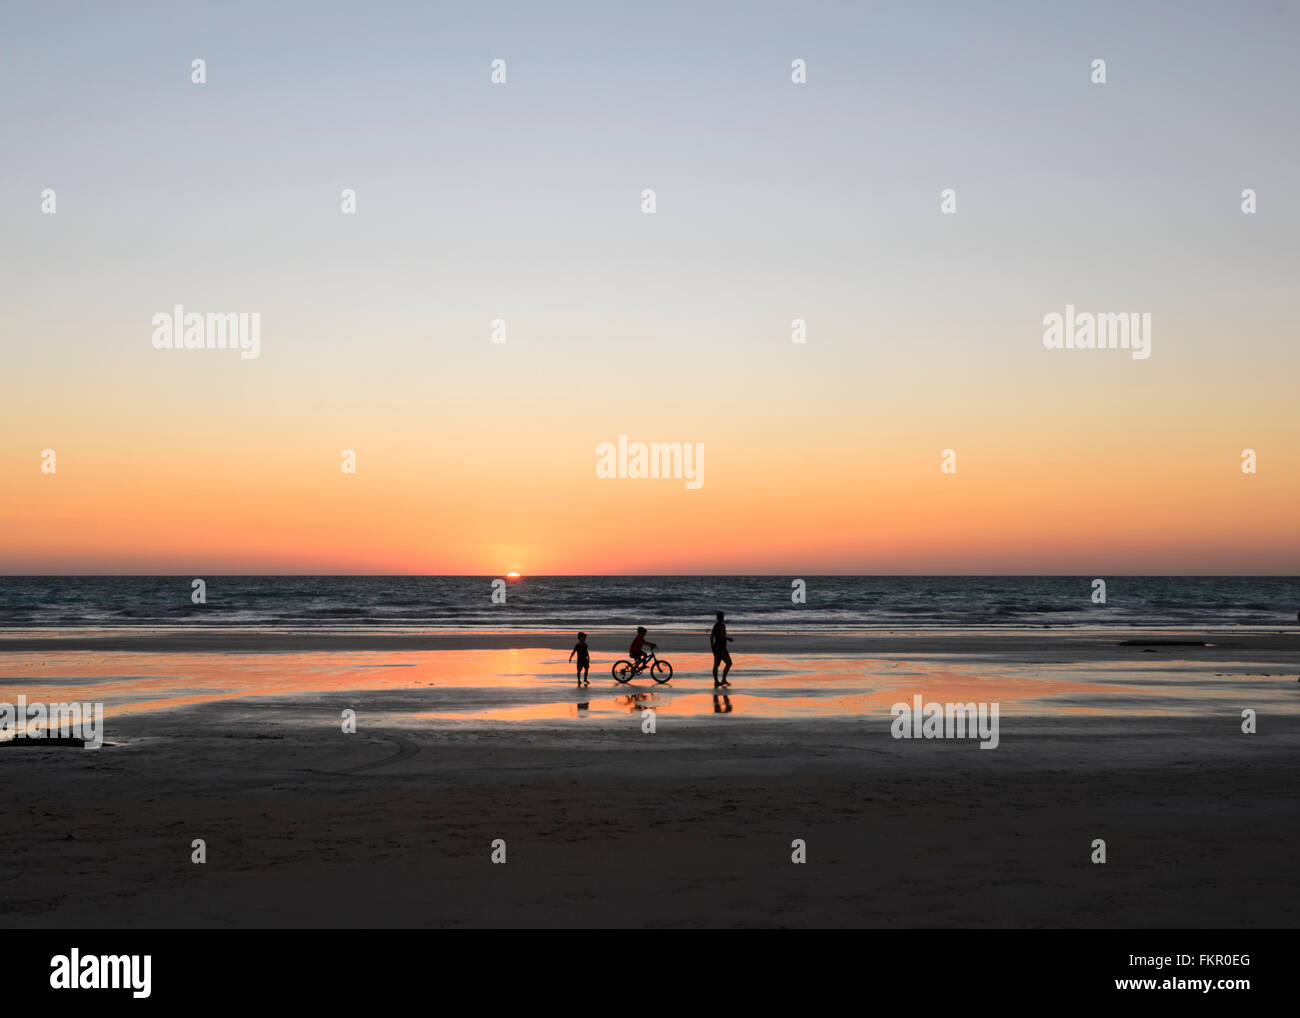 Familia al atardecer en la playa Cable de Broome, región de Kimberley, en Australia Occidental, WA, Australia Imagen De Stock